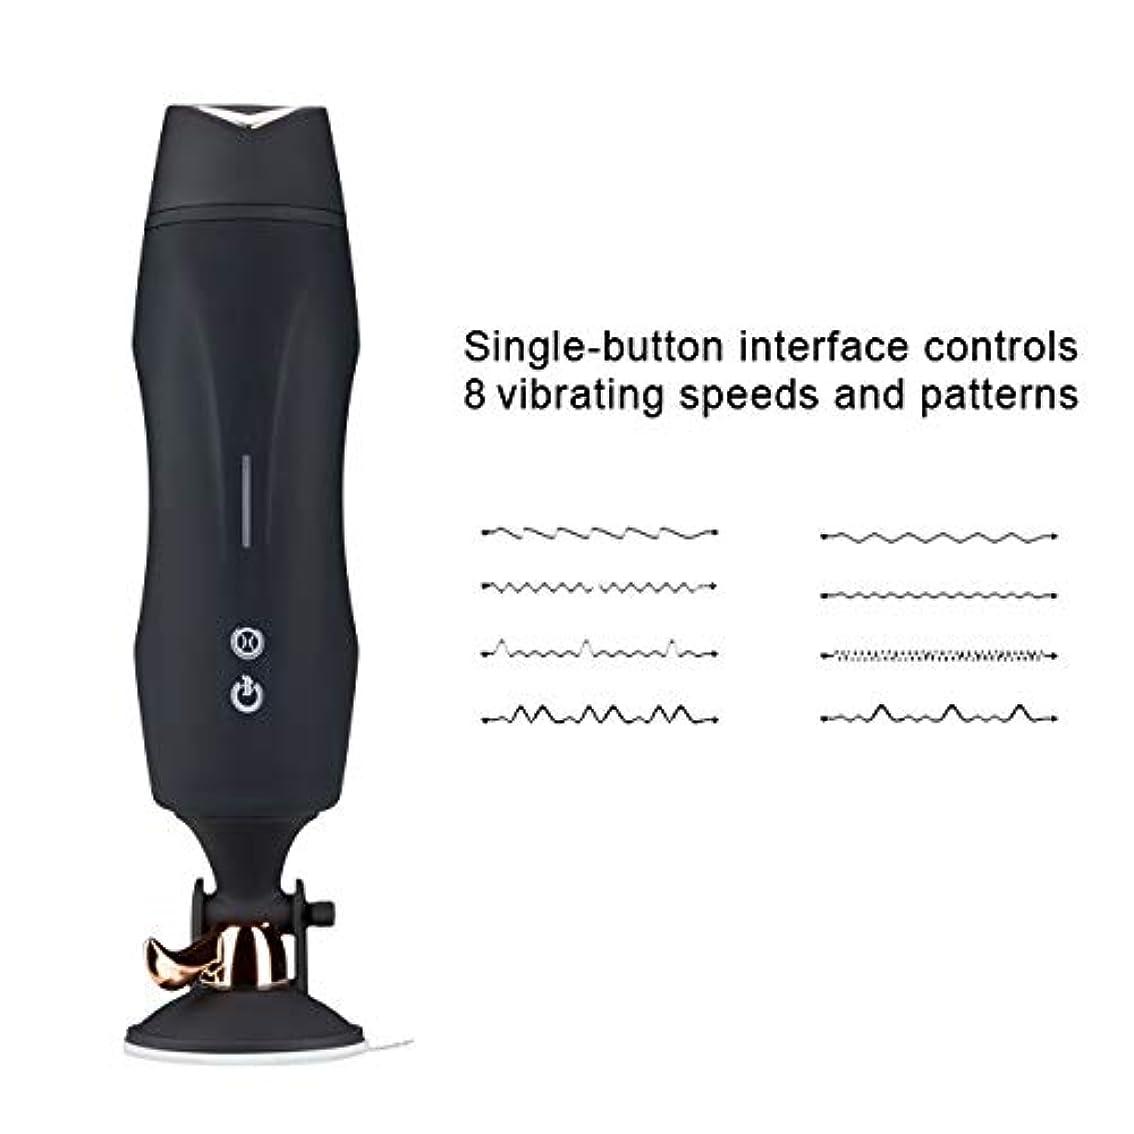 鋸歯状馬鹿スティーブンソンYI-LIGHT 男性完全自動吸引MAST-U-R-bati?nカップハンズフリーのオスのおもちゃインタラクティブ自動振動と収縮男性M-AS-türbat?r